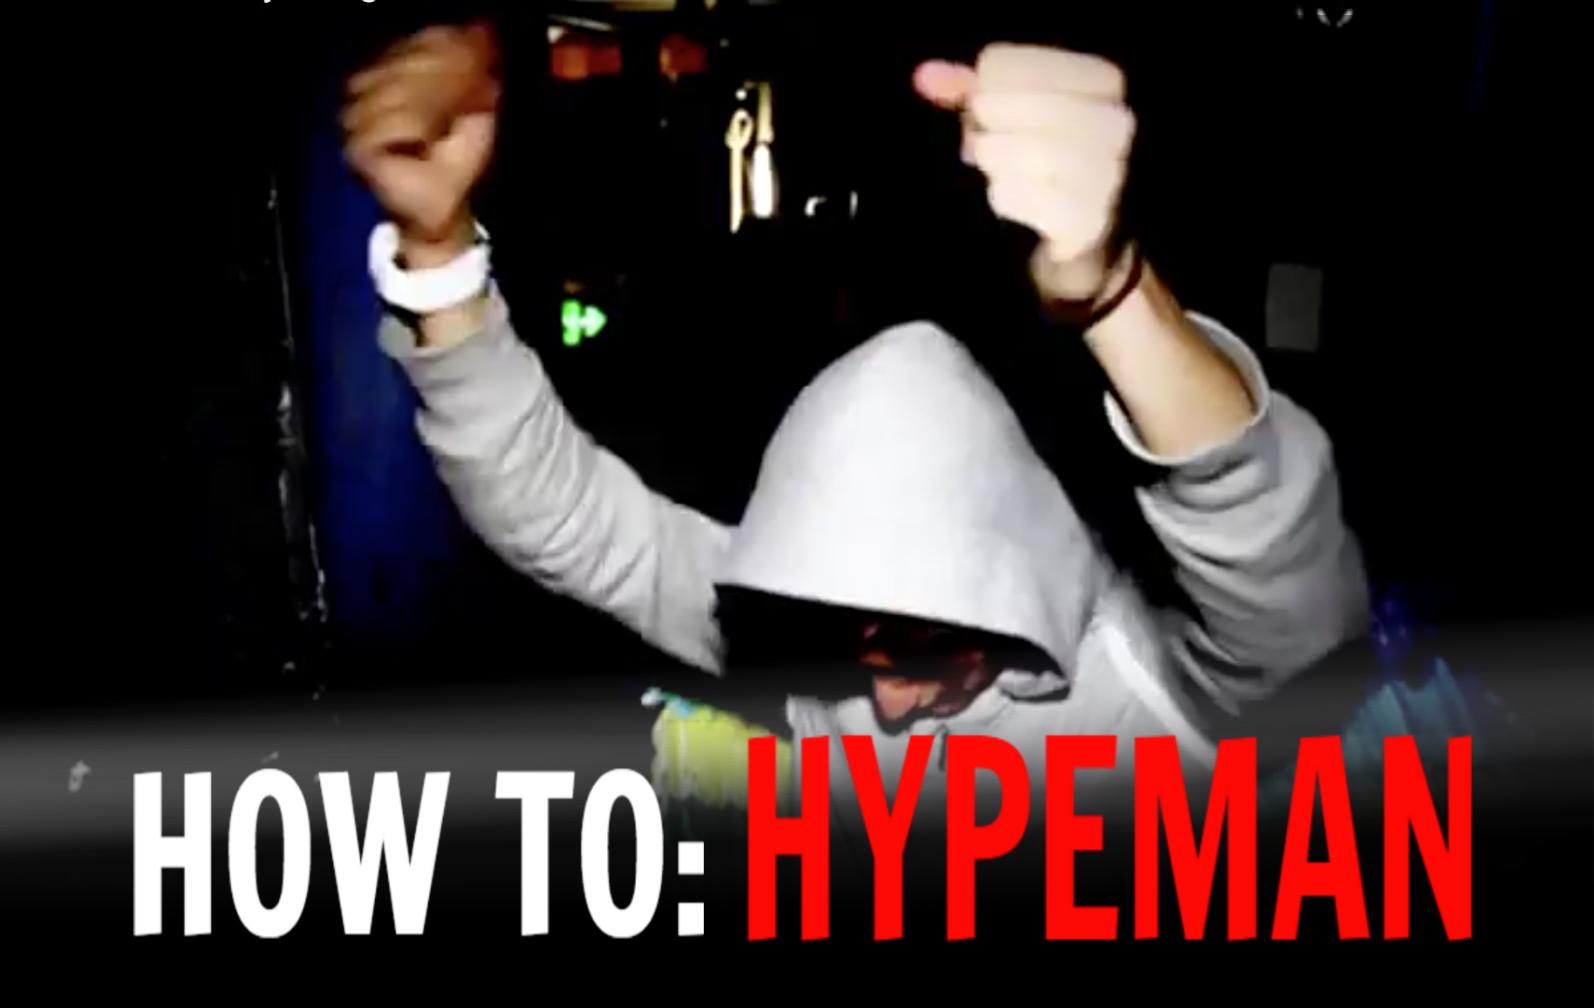 Hypeman WEB PIC4.jpg